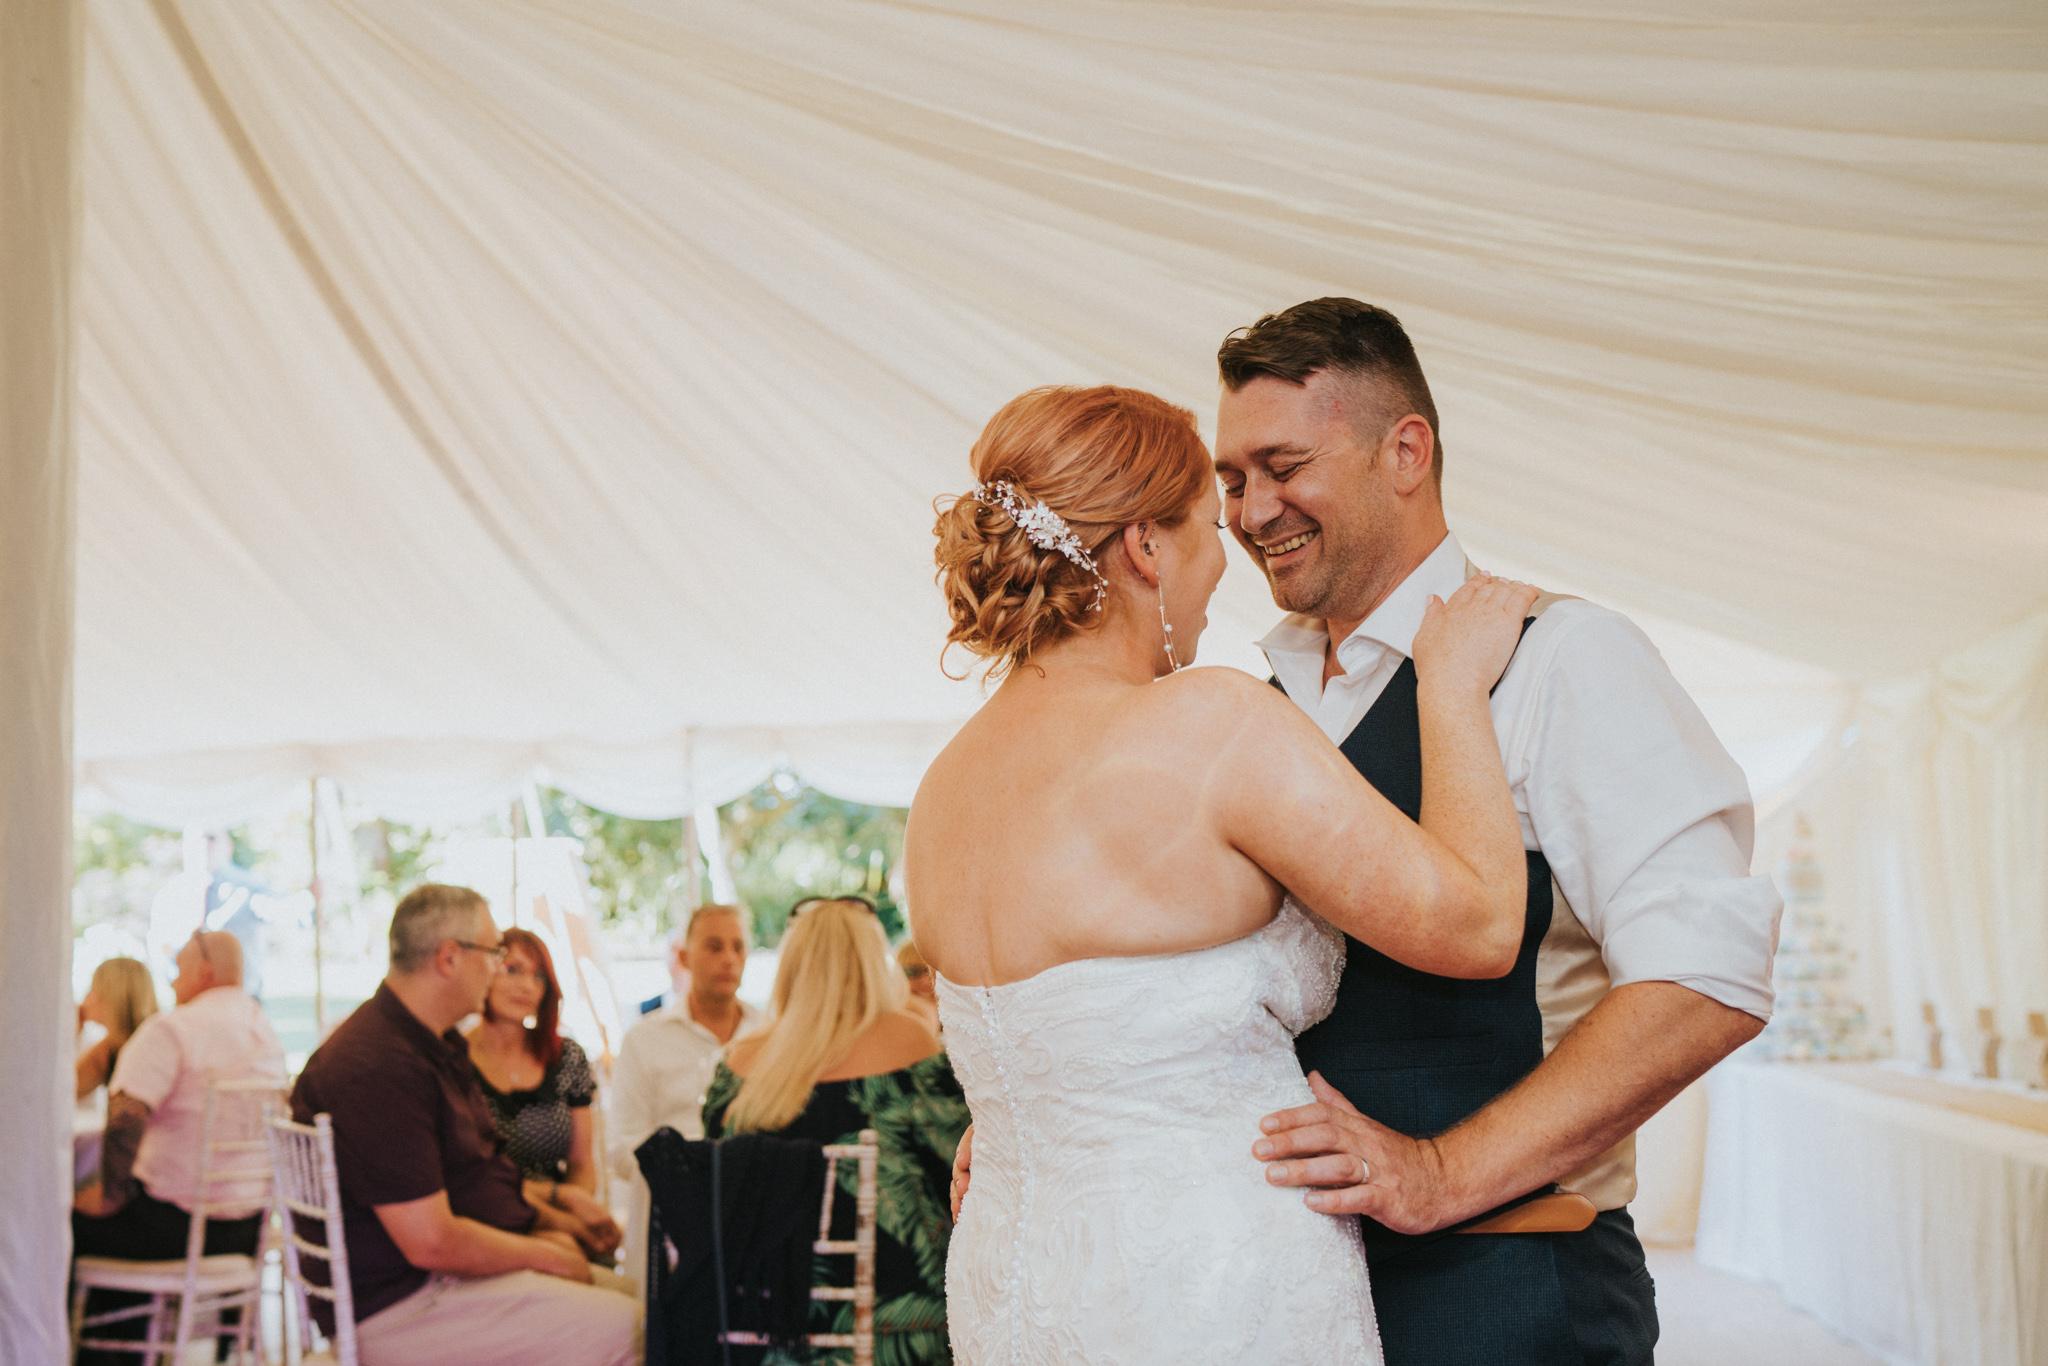 steph-neil-red-brick-barn-rochford-wedding-grace-elizabeth-colchester-essex-alternative-wedding-photographer-essex-suffolk-norfolk-devon (43 of 43).jpg